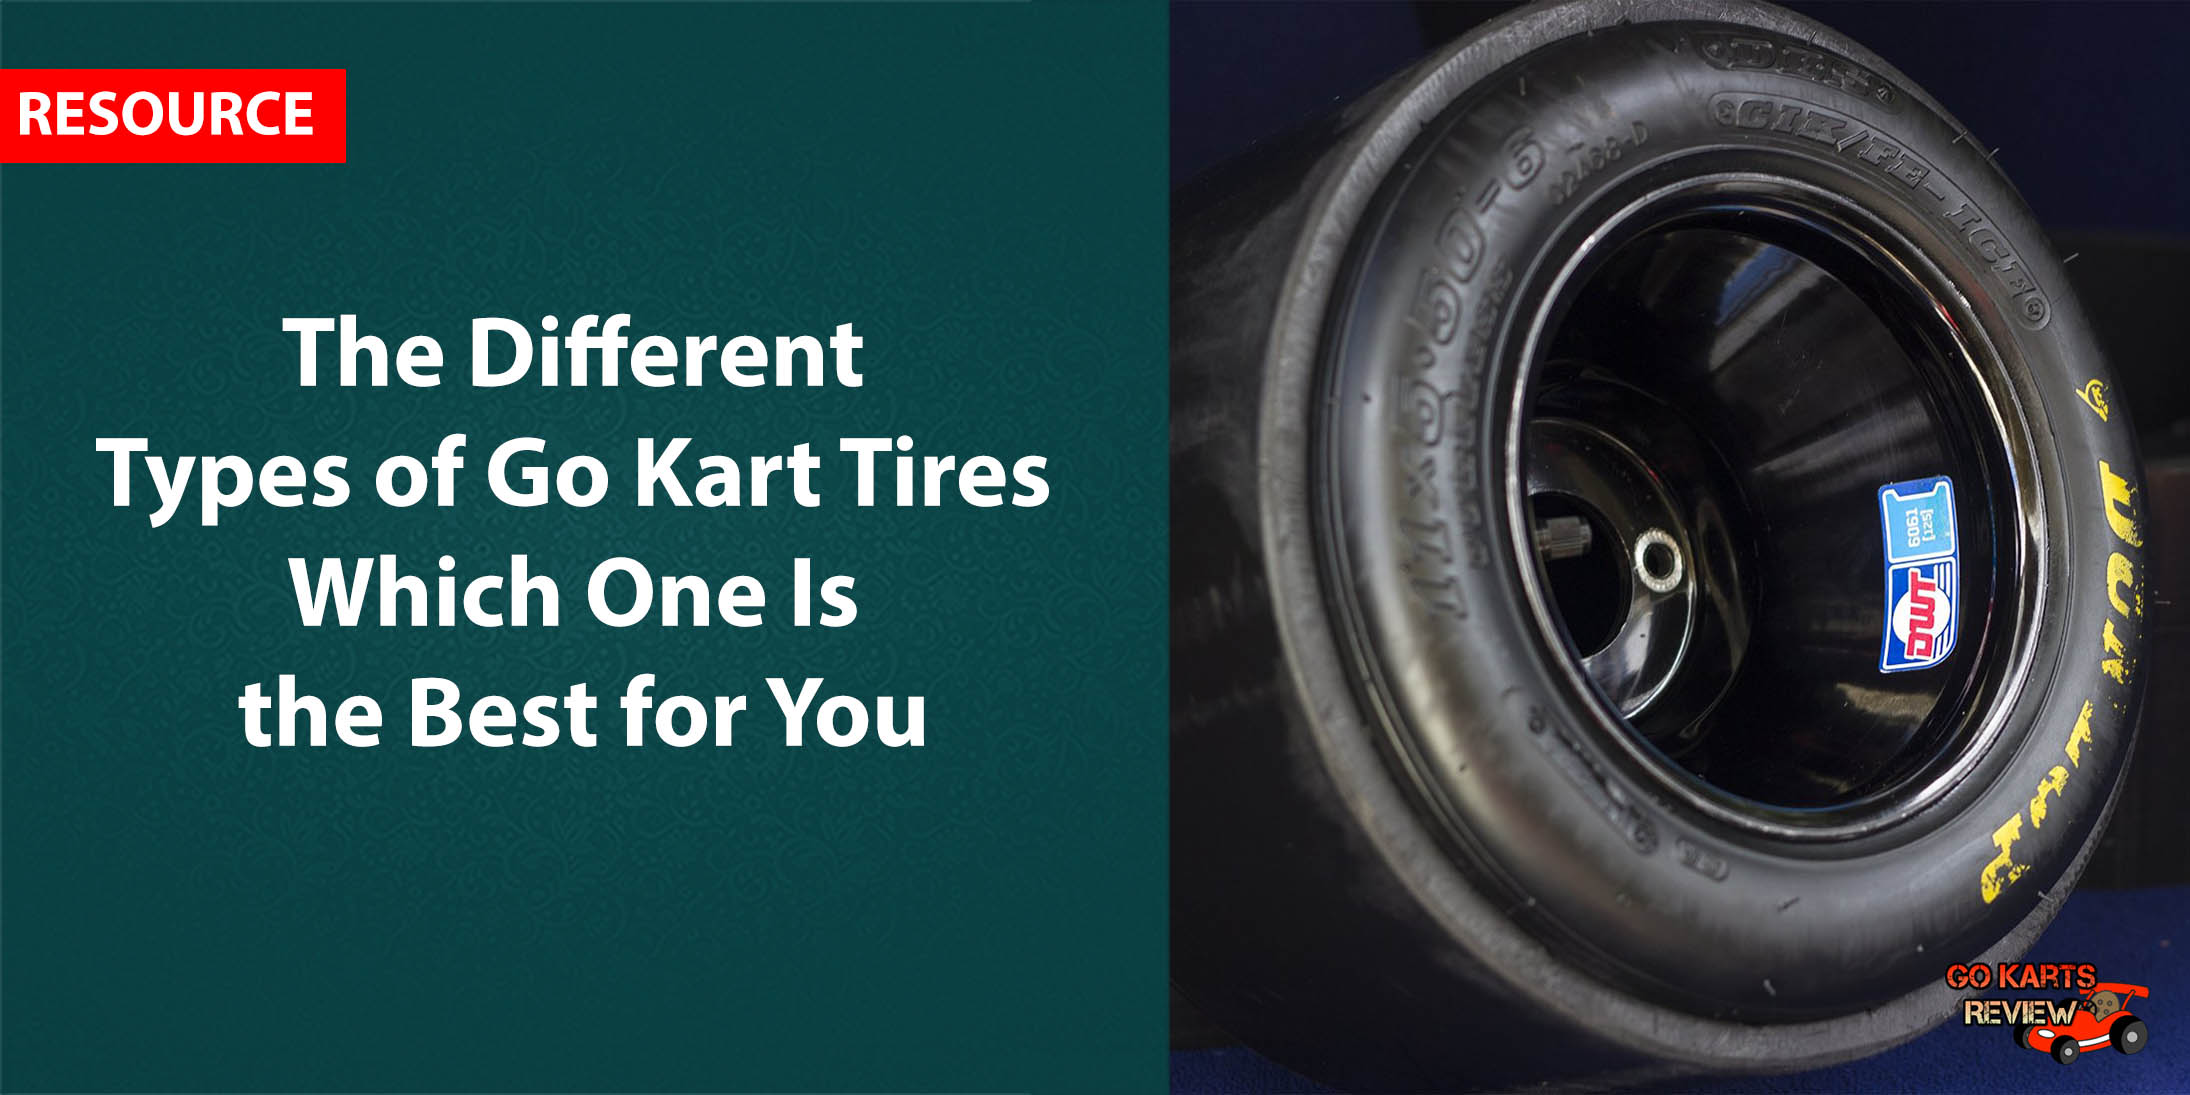 Go Kart Tires